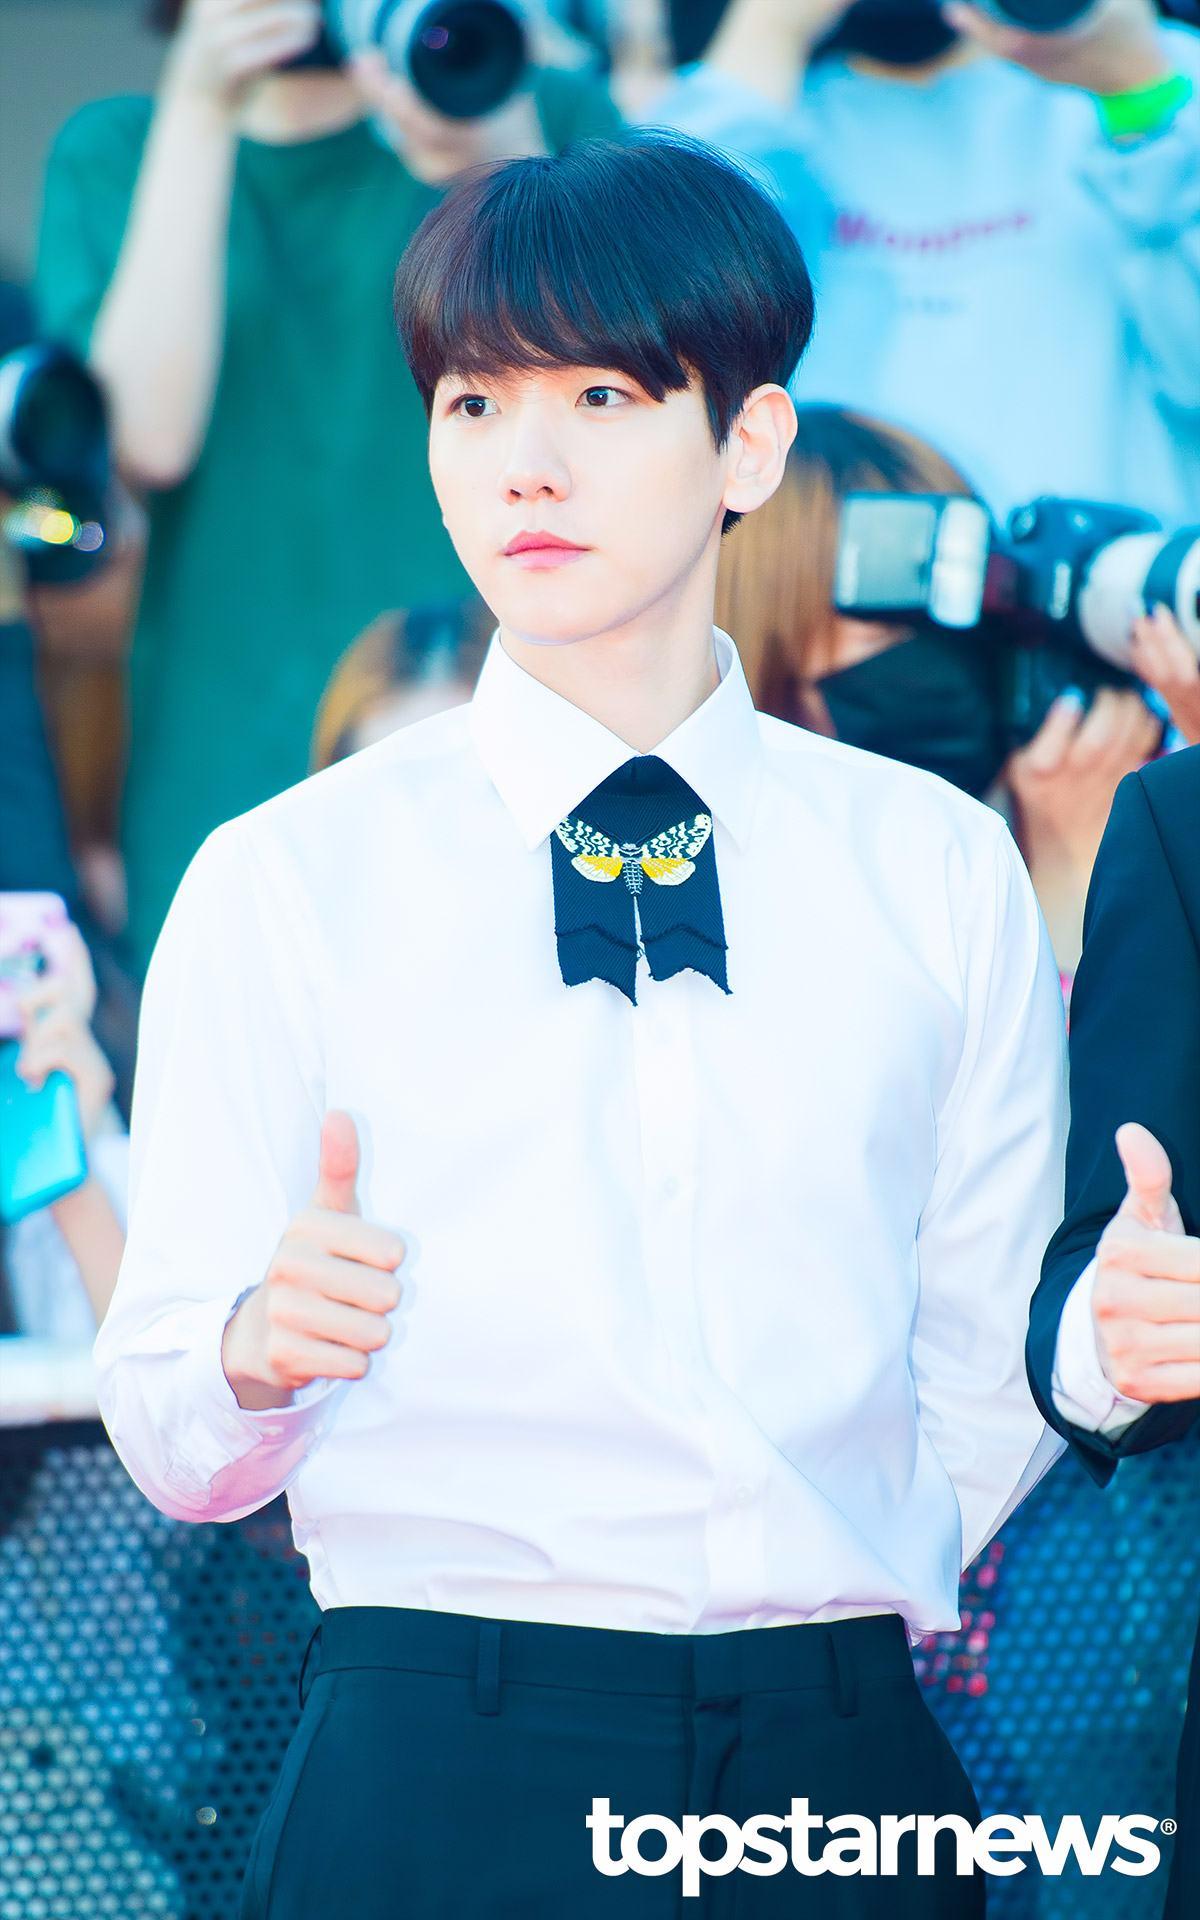 #EXO-伯賢 外表白白淨淨的伯賢輪廓雖然沒有很深,但比例非常好讓人看起來舒服!